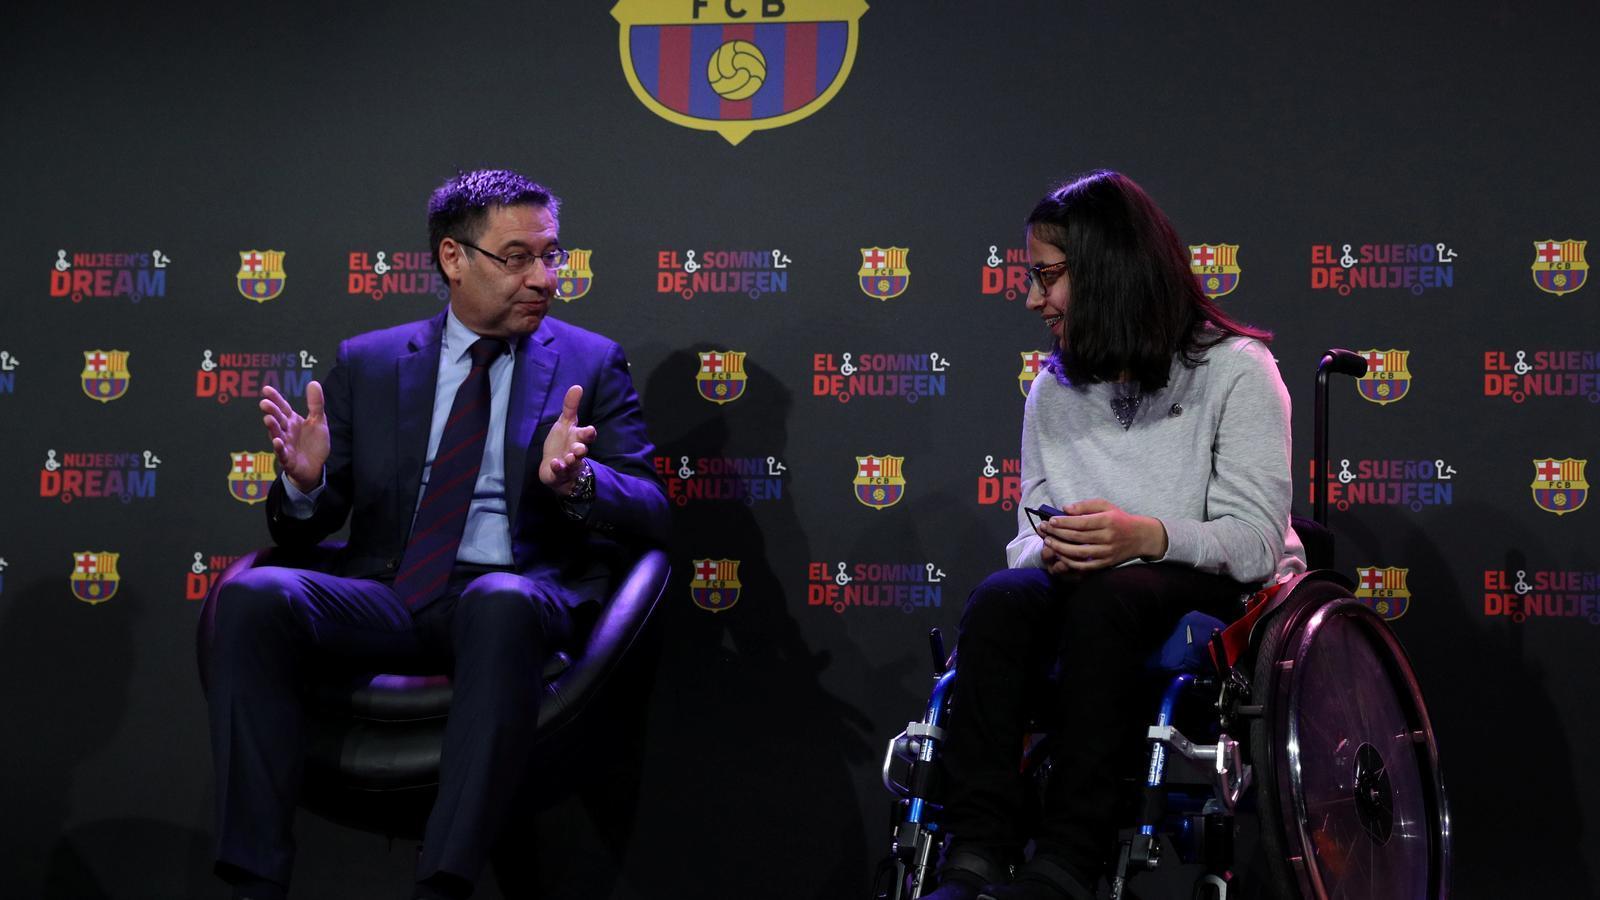 La campanya nadalenca més emotiva del Barça: la història de la Nujeen